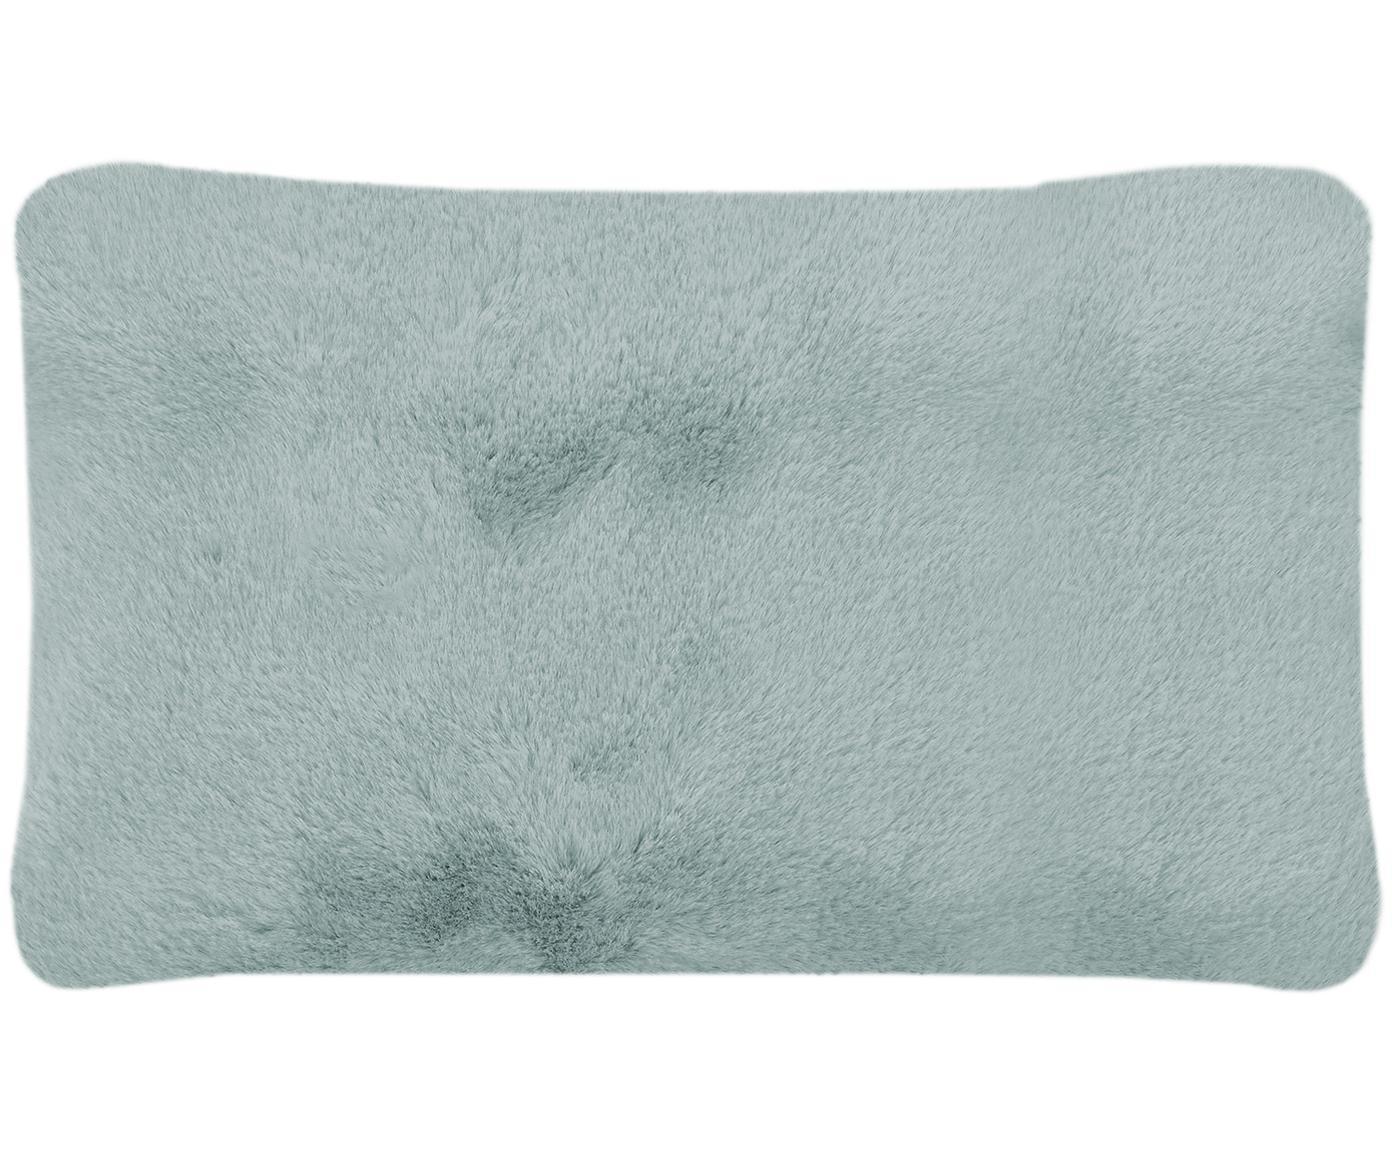 Poszewka na poduszkę ze sztucznego futra Mette, gładki, Zielony, S 30 x D 50 cm